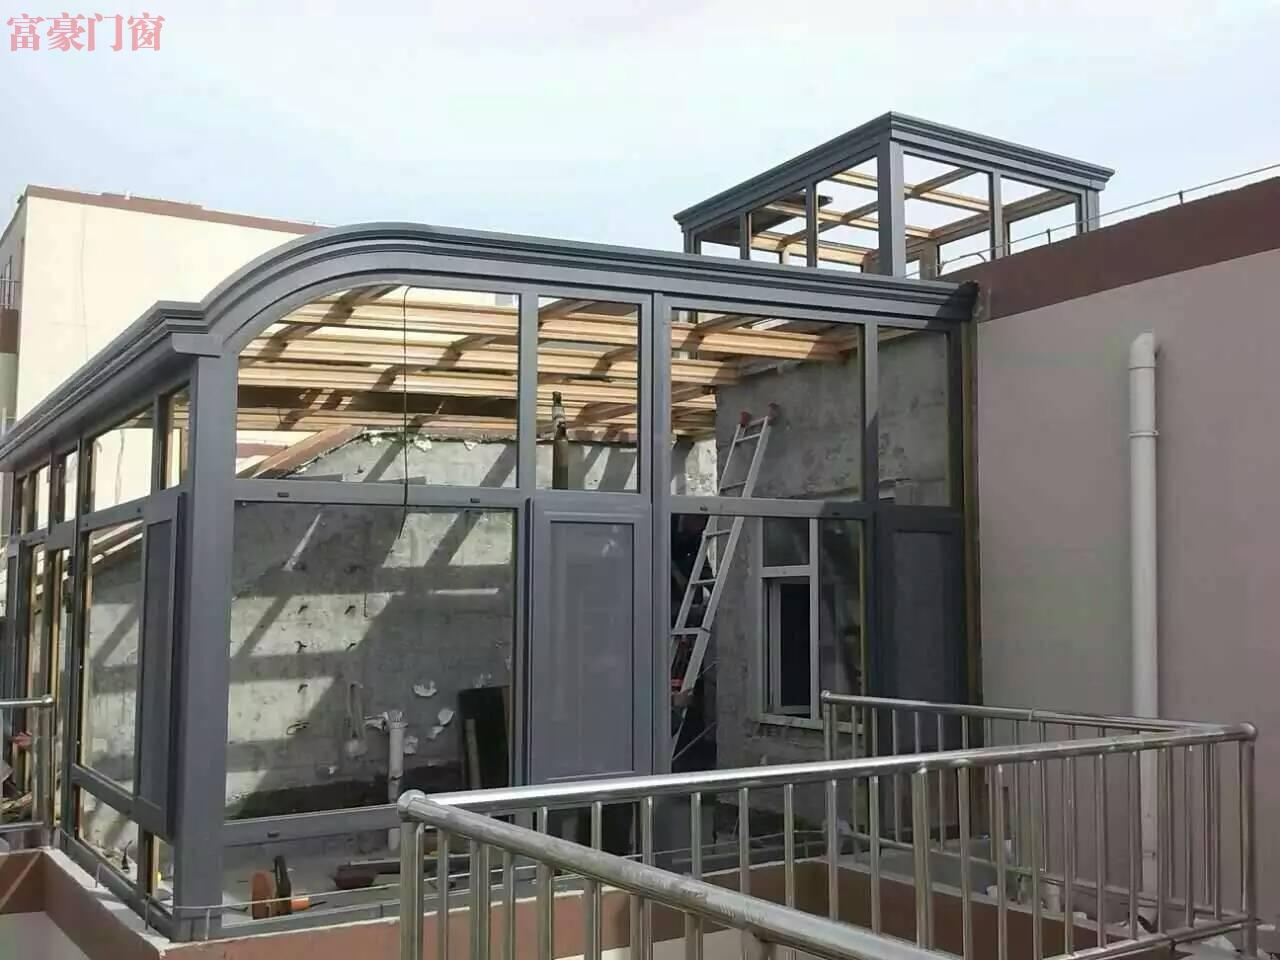 露台封闭前弧顶专业铝型材内木纹阳光房